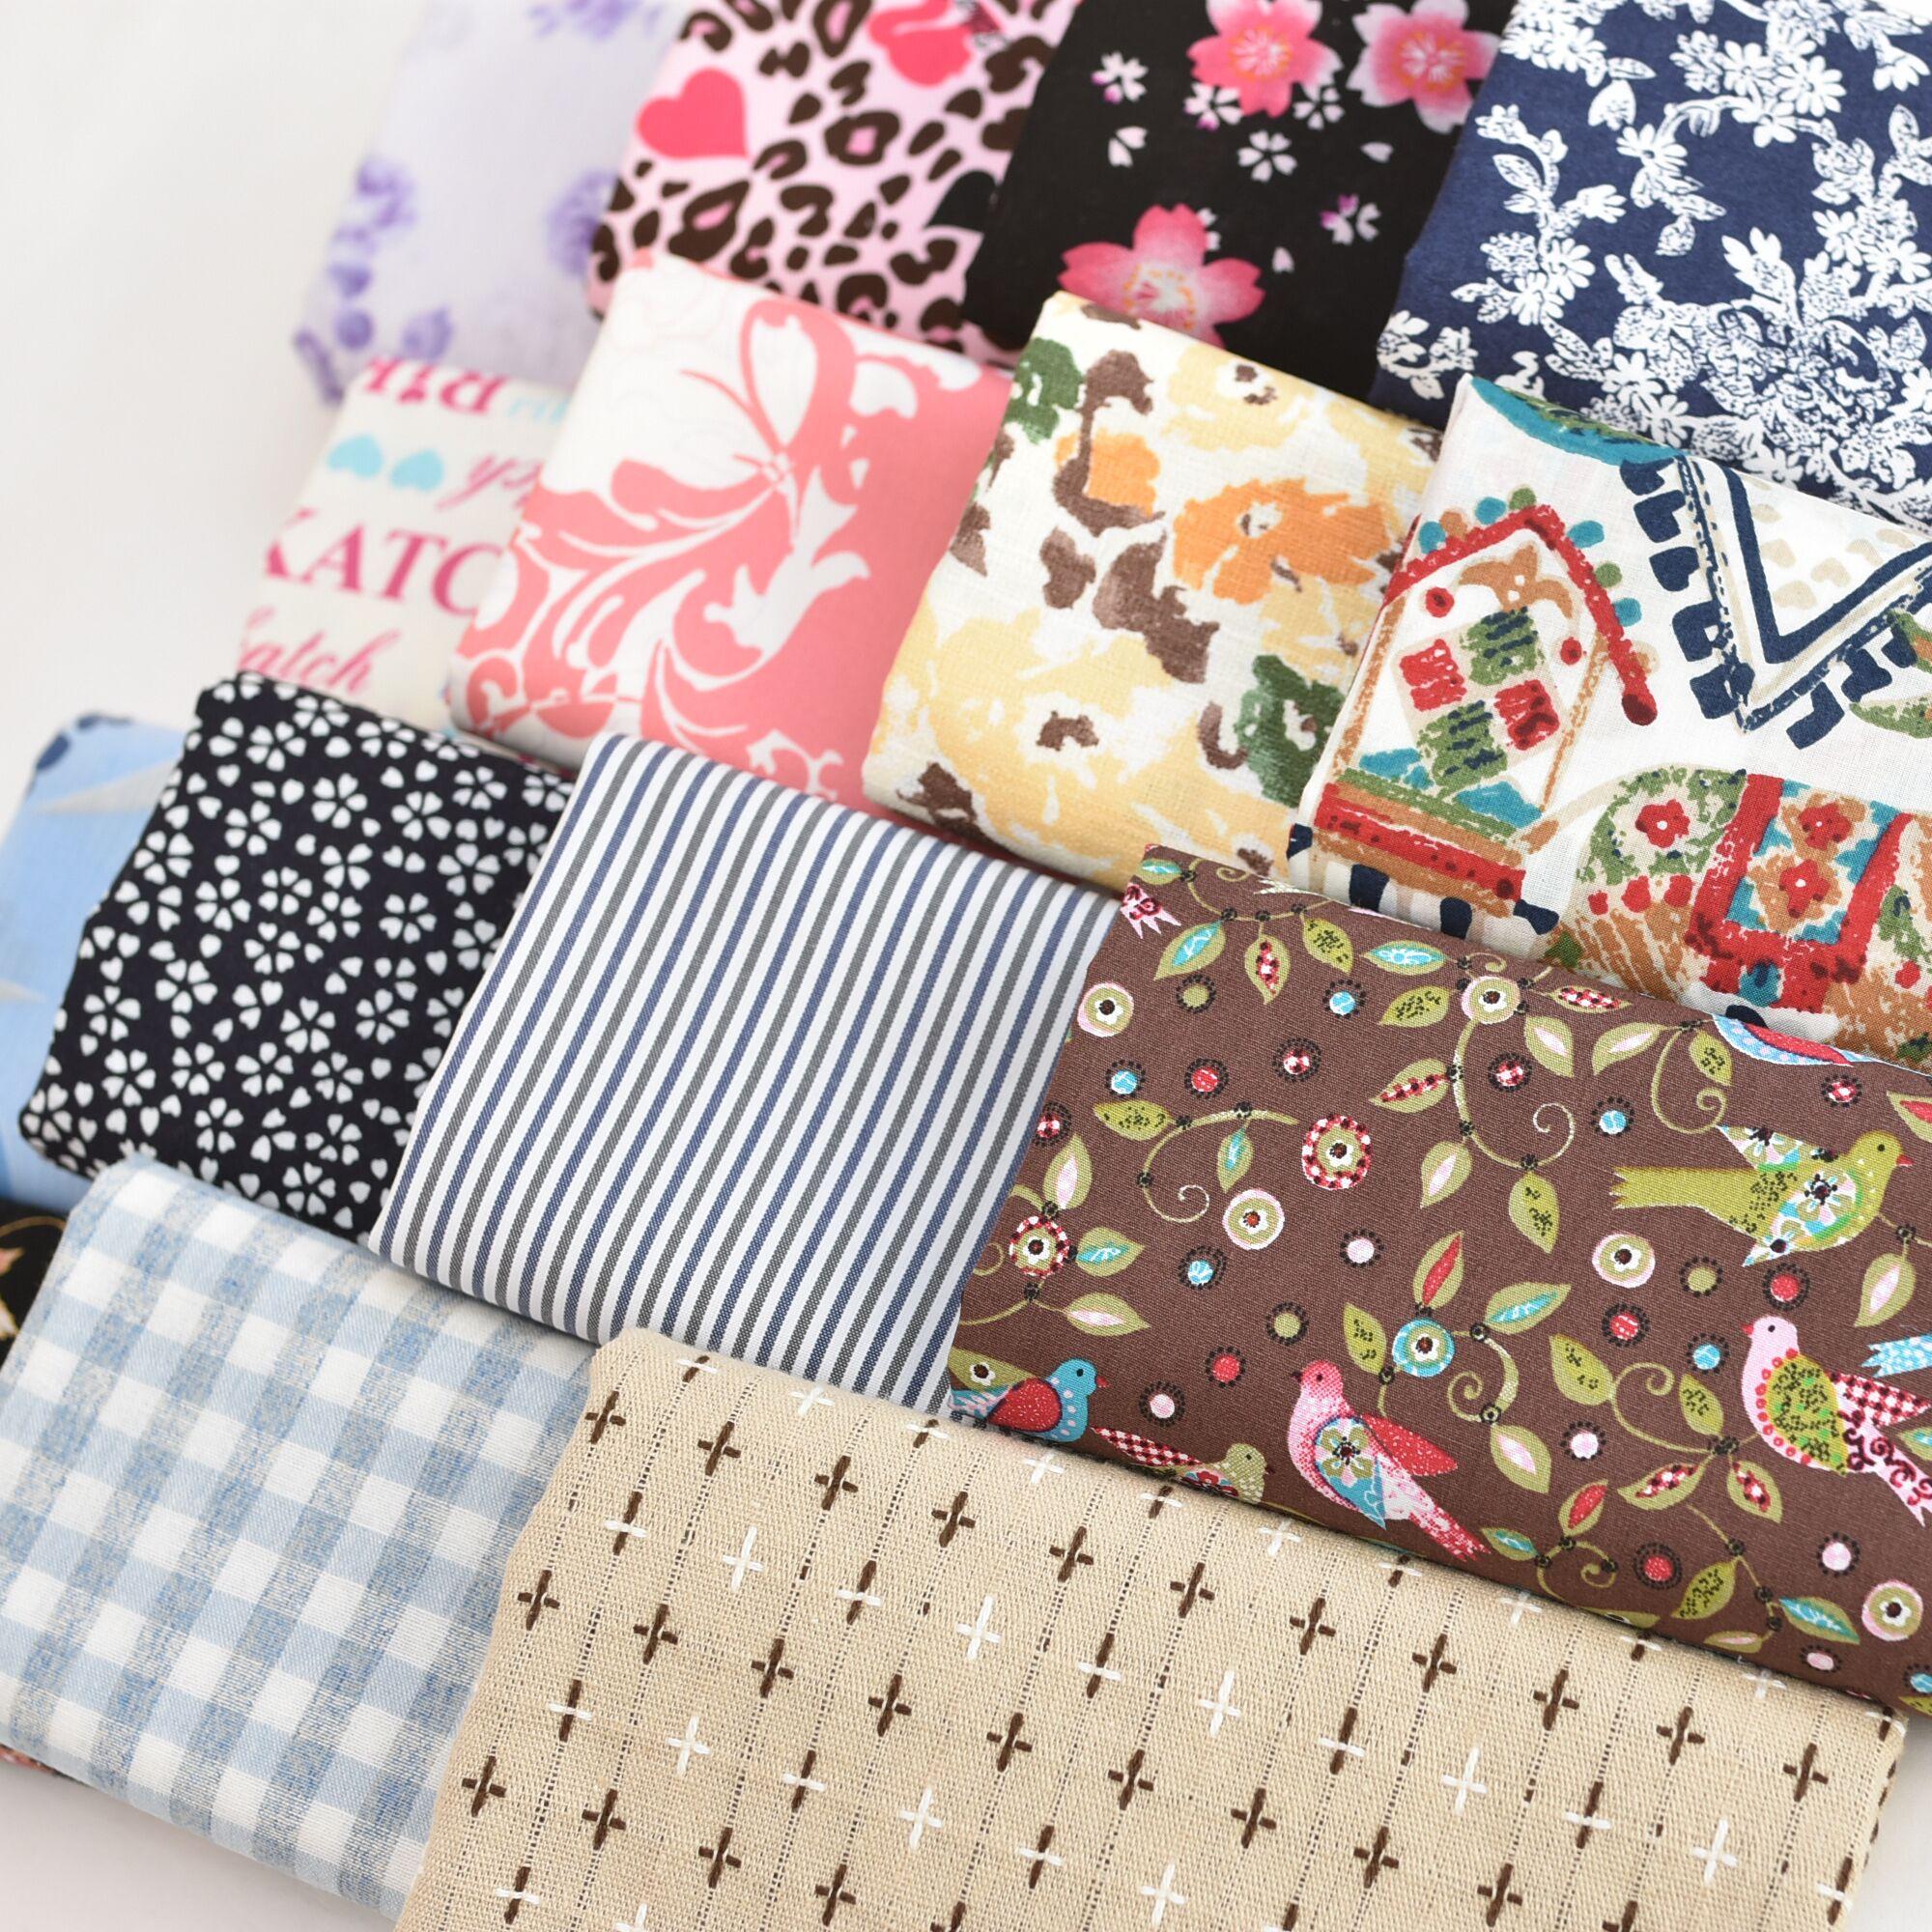 1米包邮清仓处理 无瑕疵纯棉布 手工布料桌布沙发布衣服裙子布